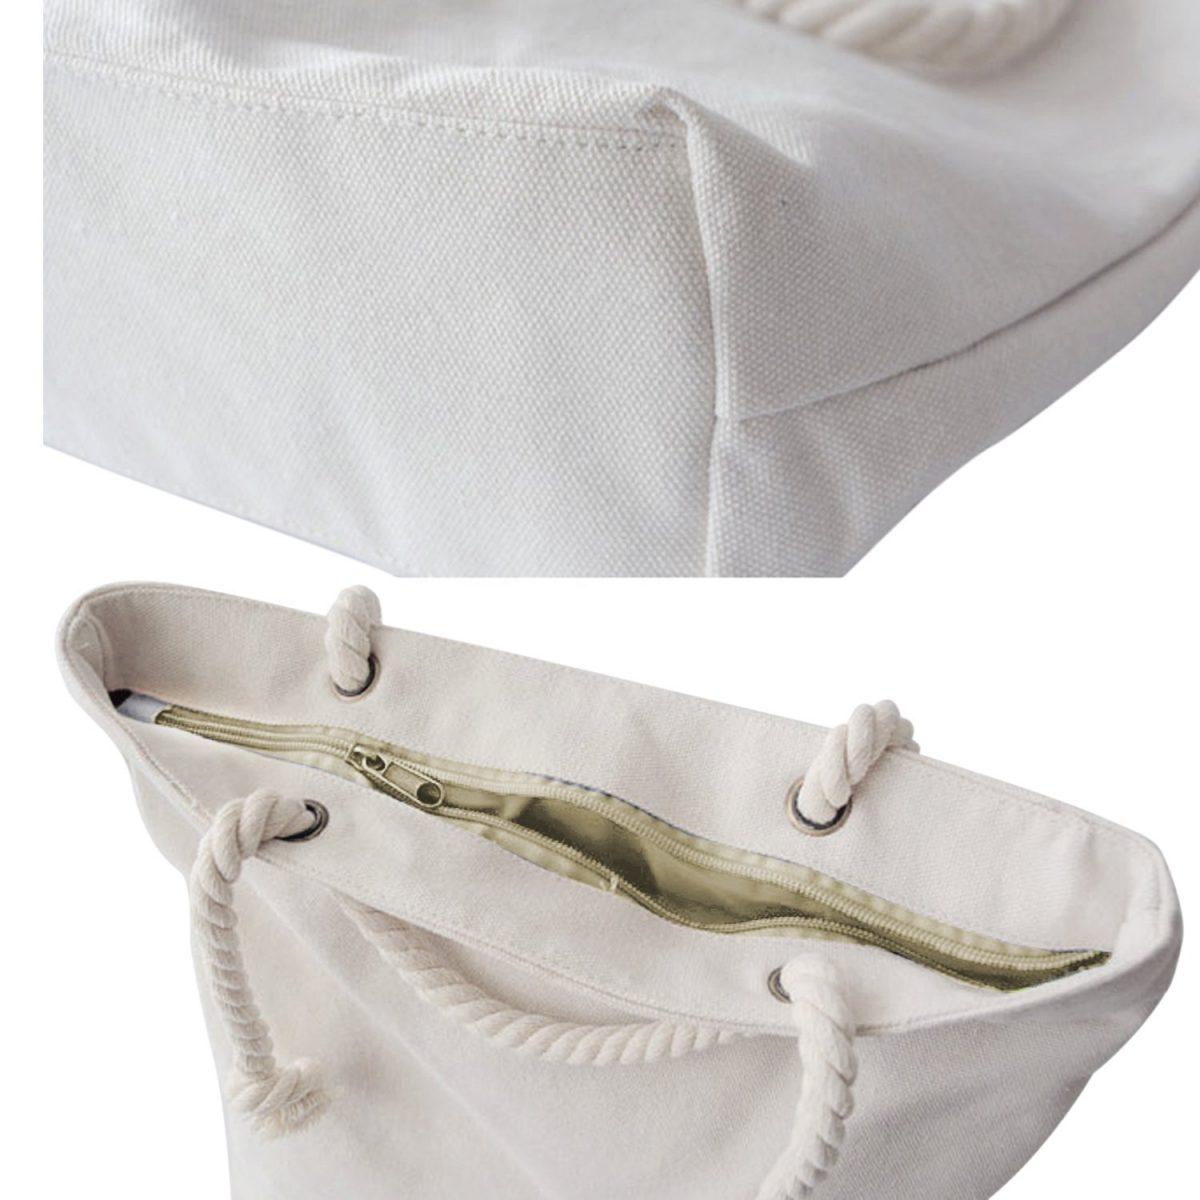 Üçgen Geometrik Şekiller Özel Tasarımlı Fermuarlı Kumaş Çanta Realhomes